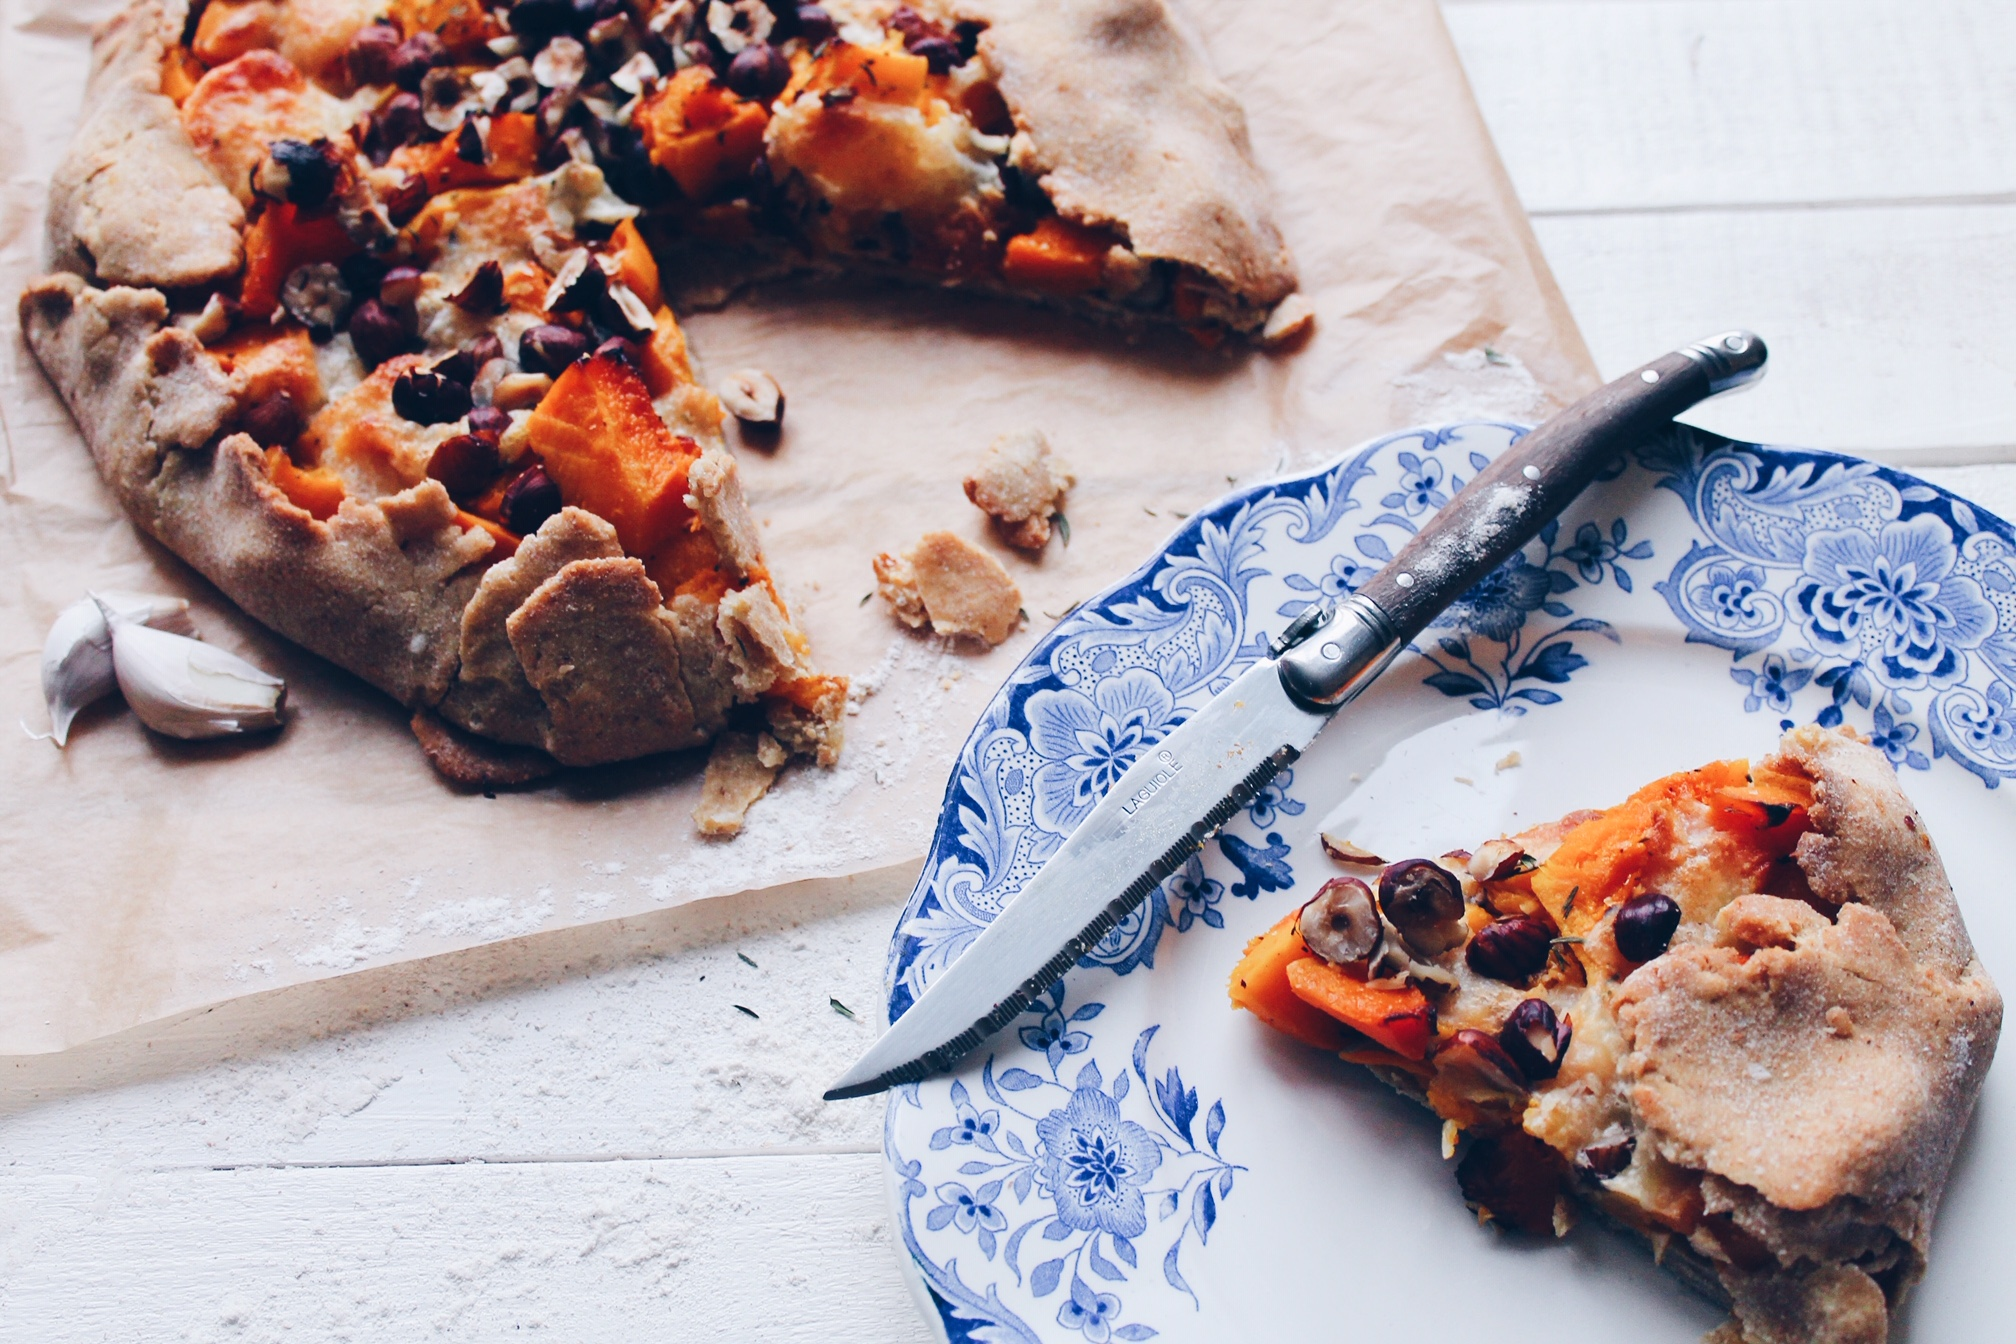 Recette de tarte à la courge butternut et au potimarron, gratinée à la mozzarella et aux noisettes sur le blog laualamenthe.com